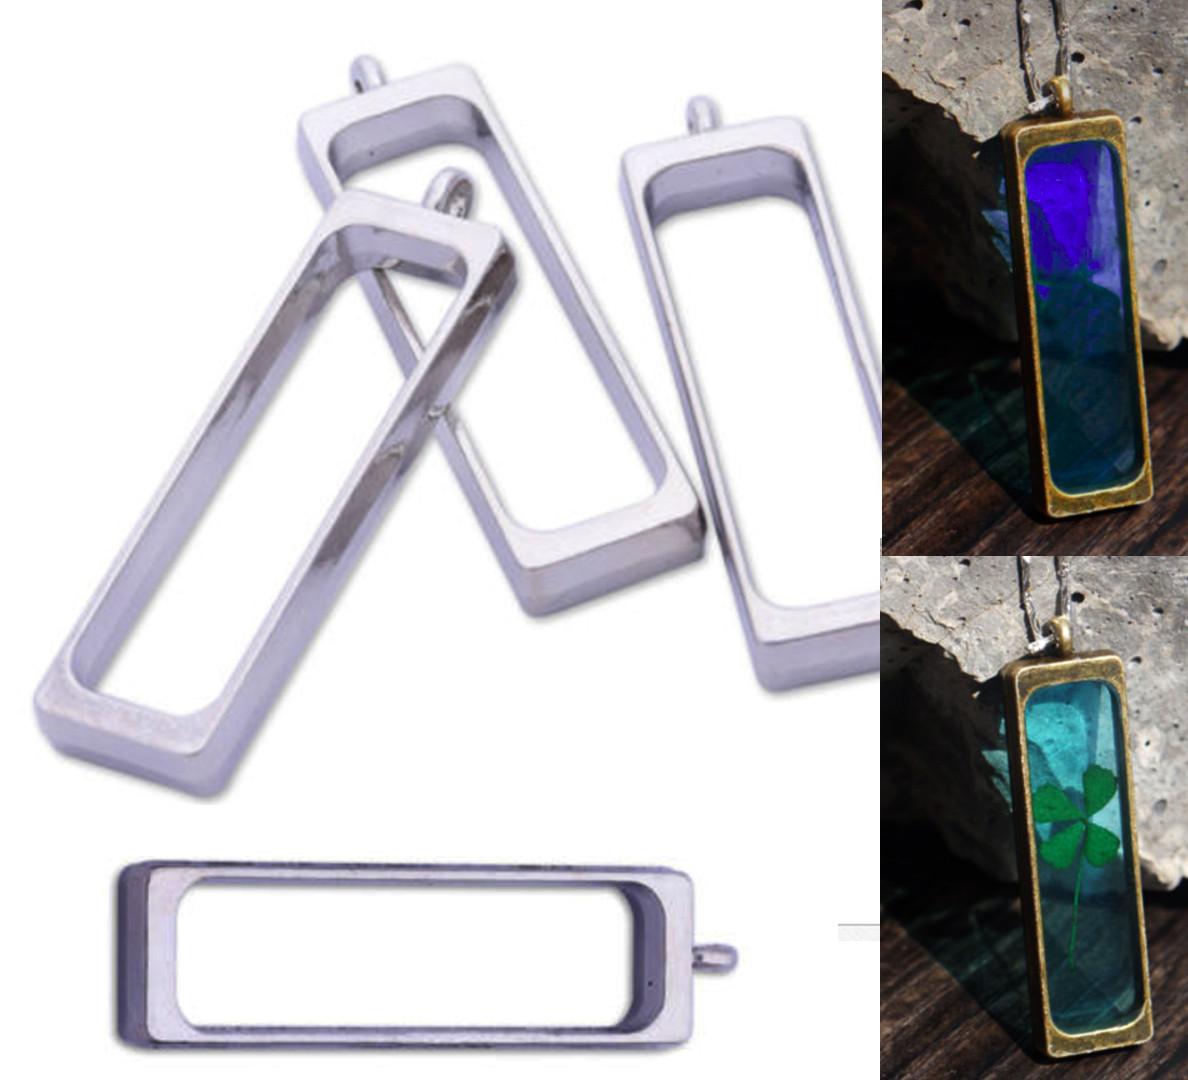 Подвеска длинная металл под заливку смолой, глубокая, цвет серебро